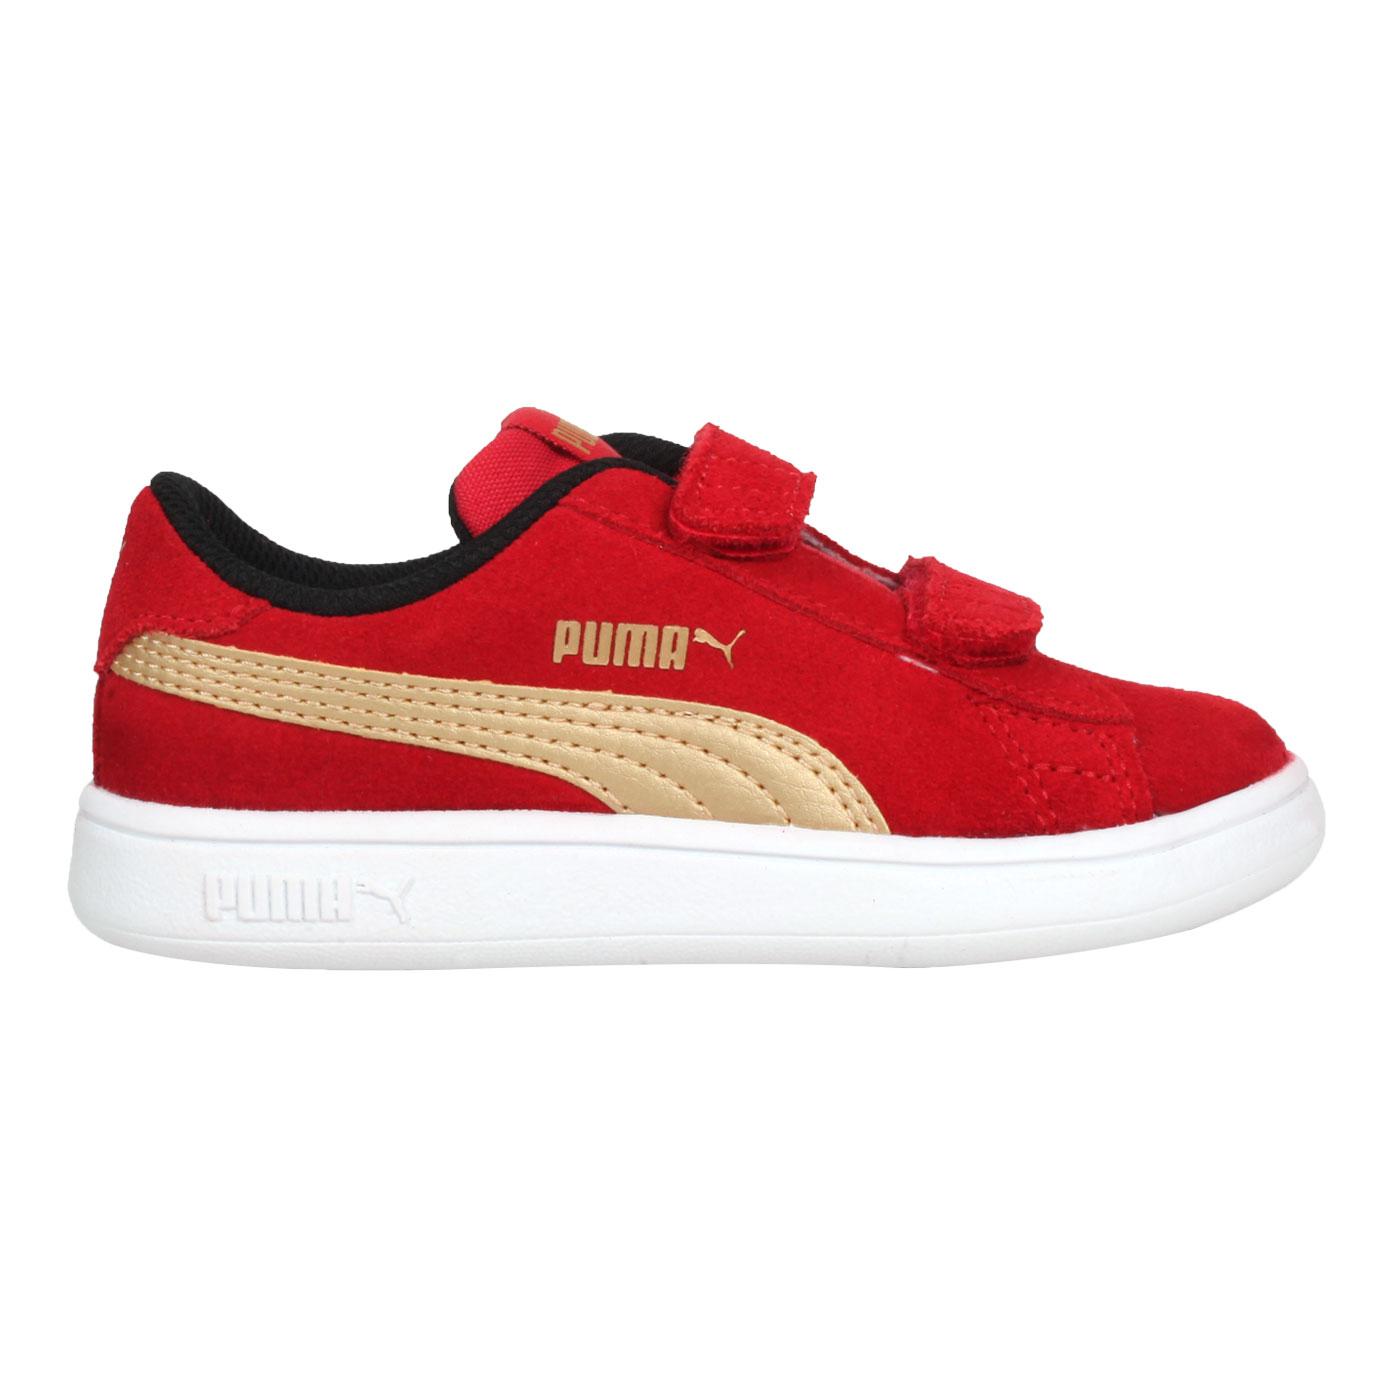 PUMA 小童休閒運動鞋  @Smash v2 SD V Inf@36517828 - 紅金